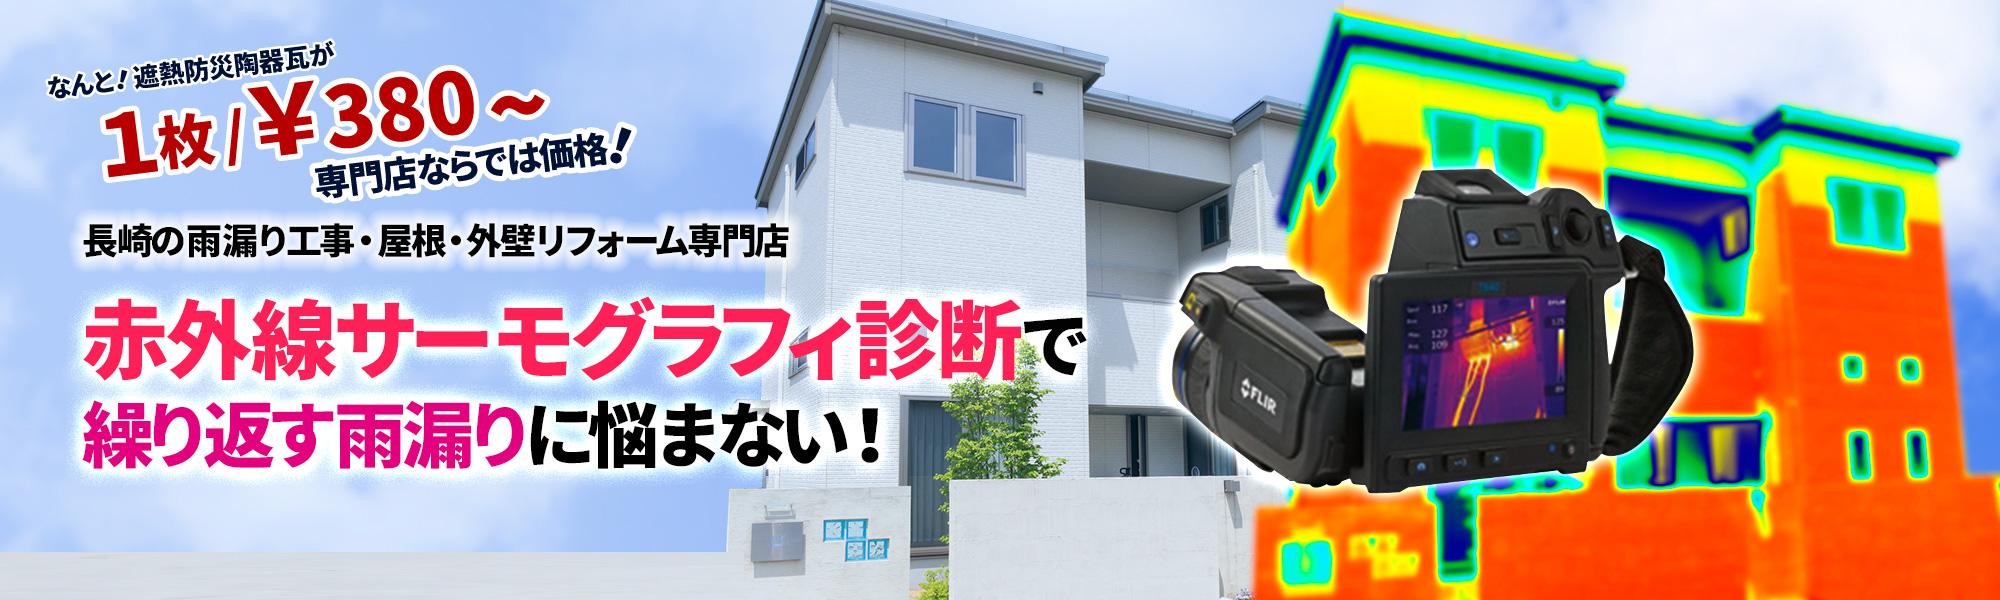 長崎の雨漏り直し隊工事・屋根・外壁リフォーム専門店です